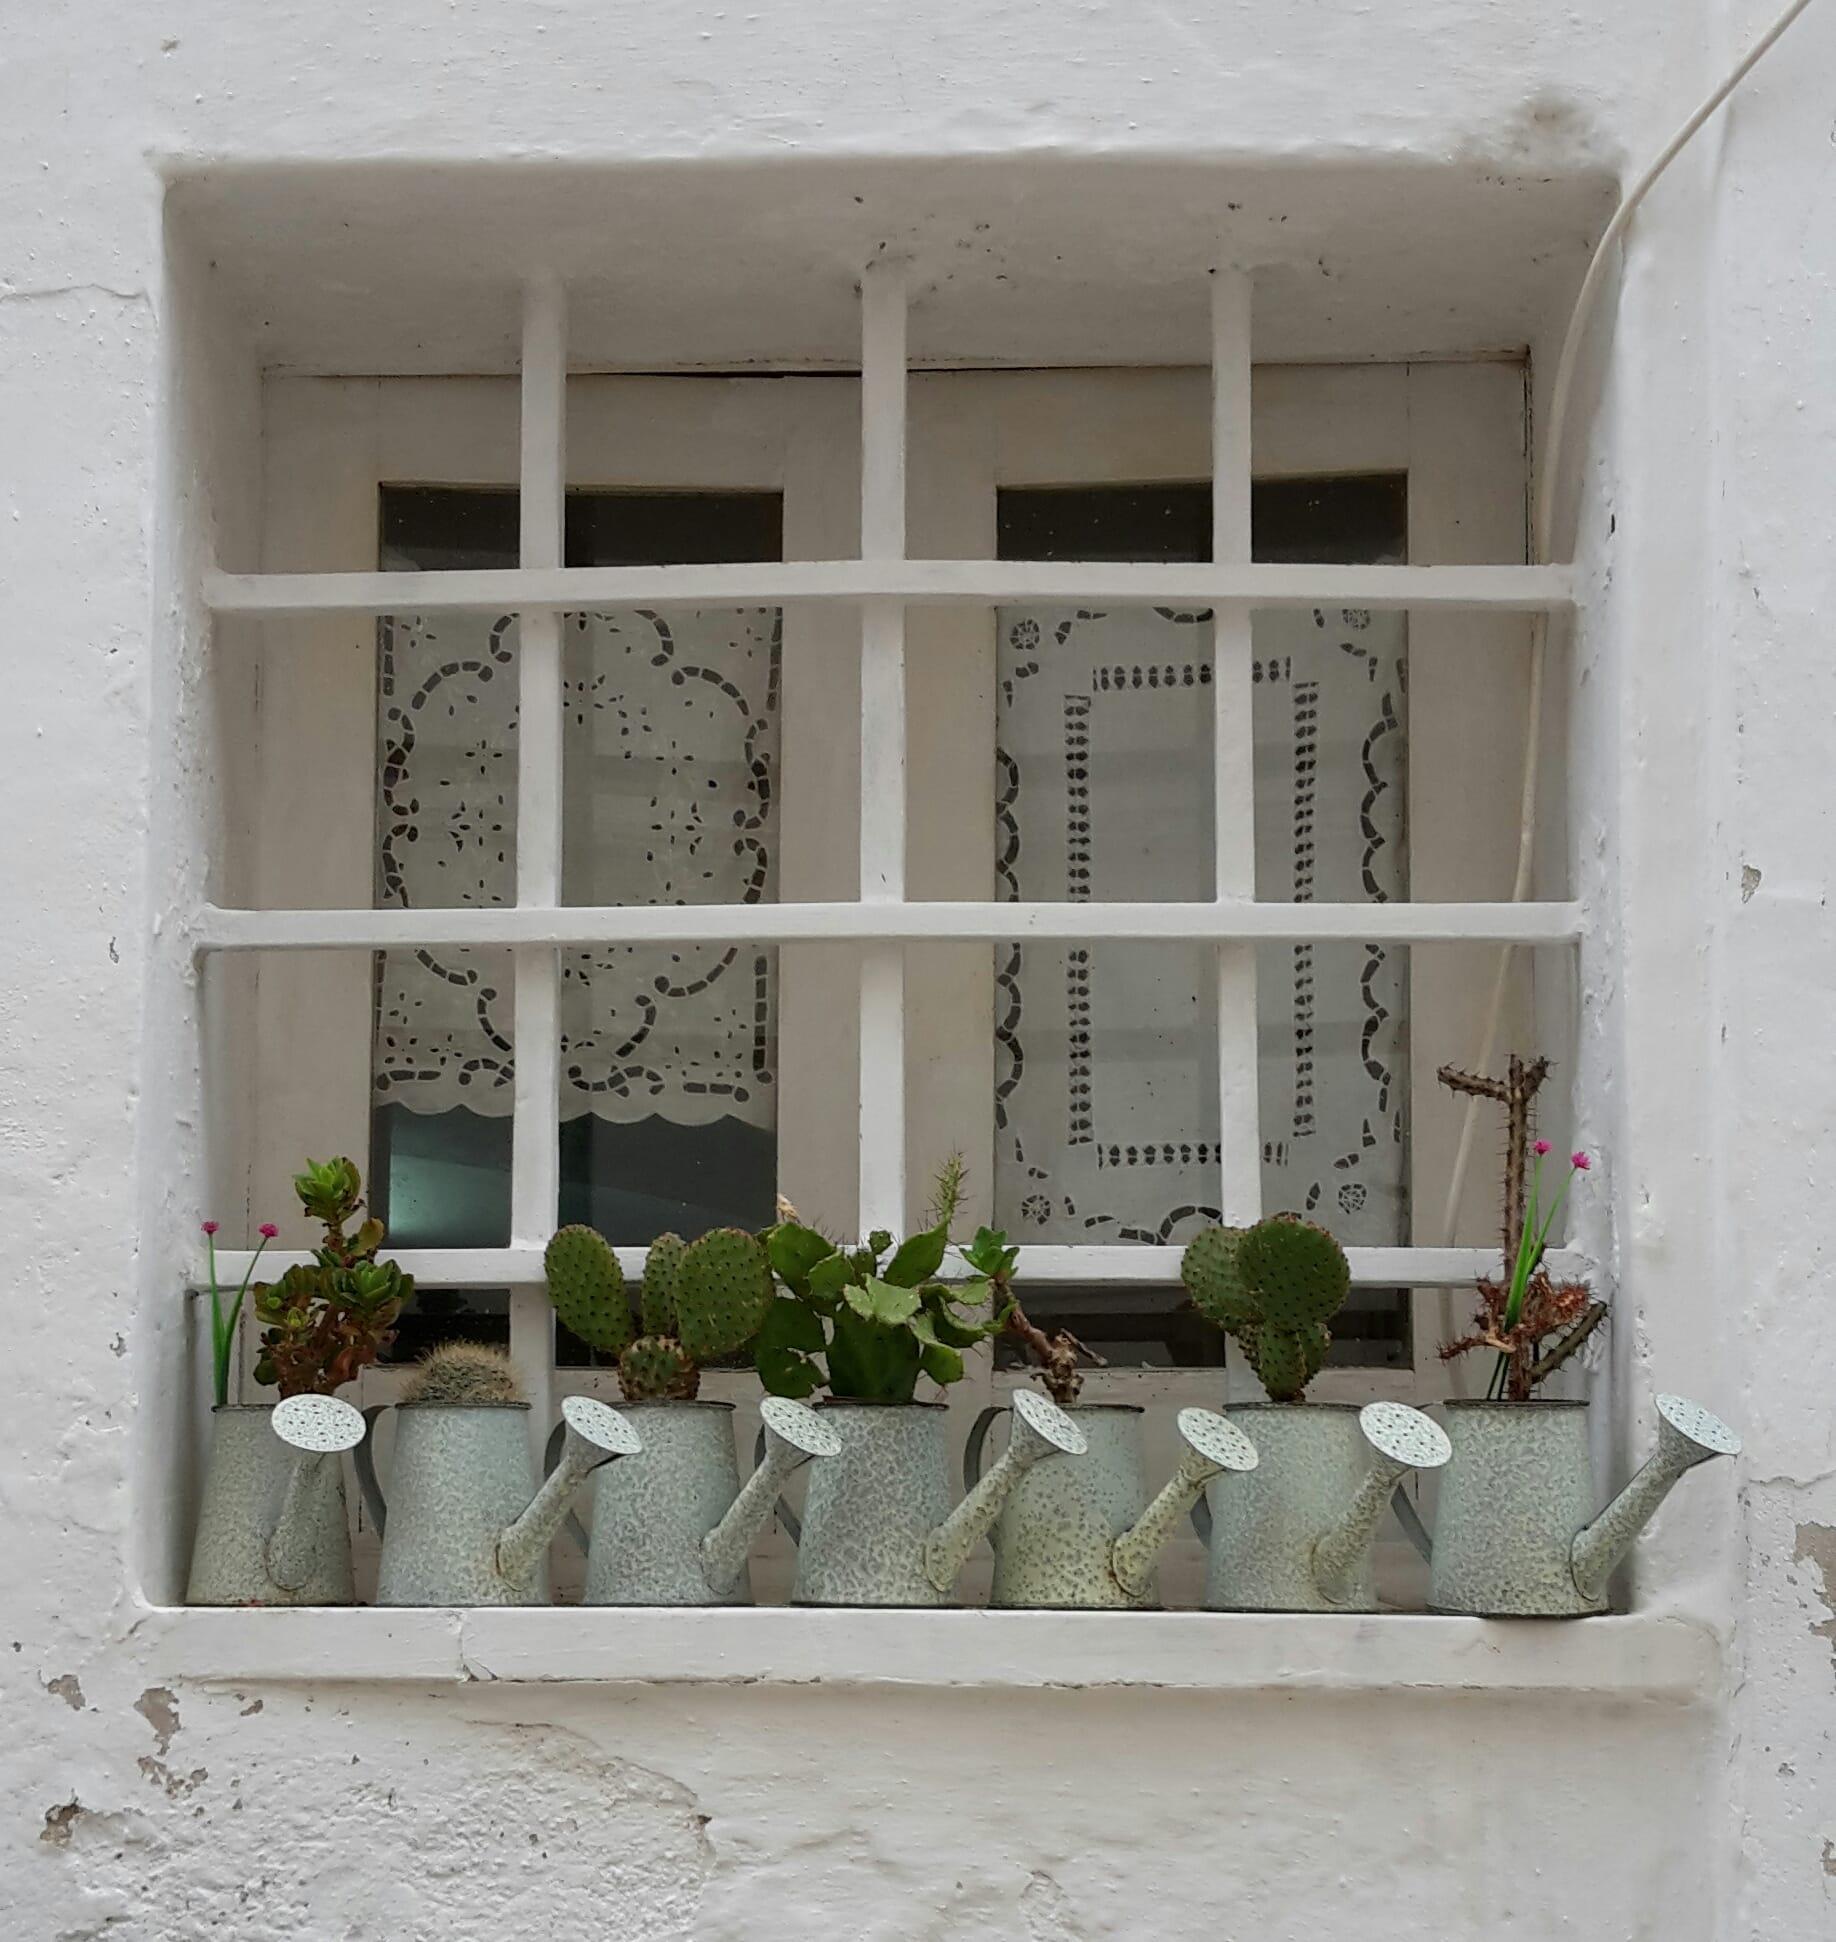 finestra con vasetti di piante grasse